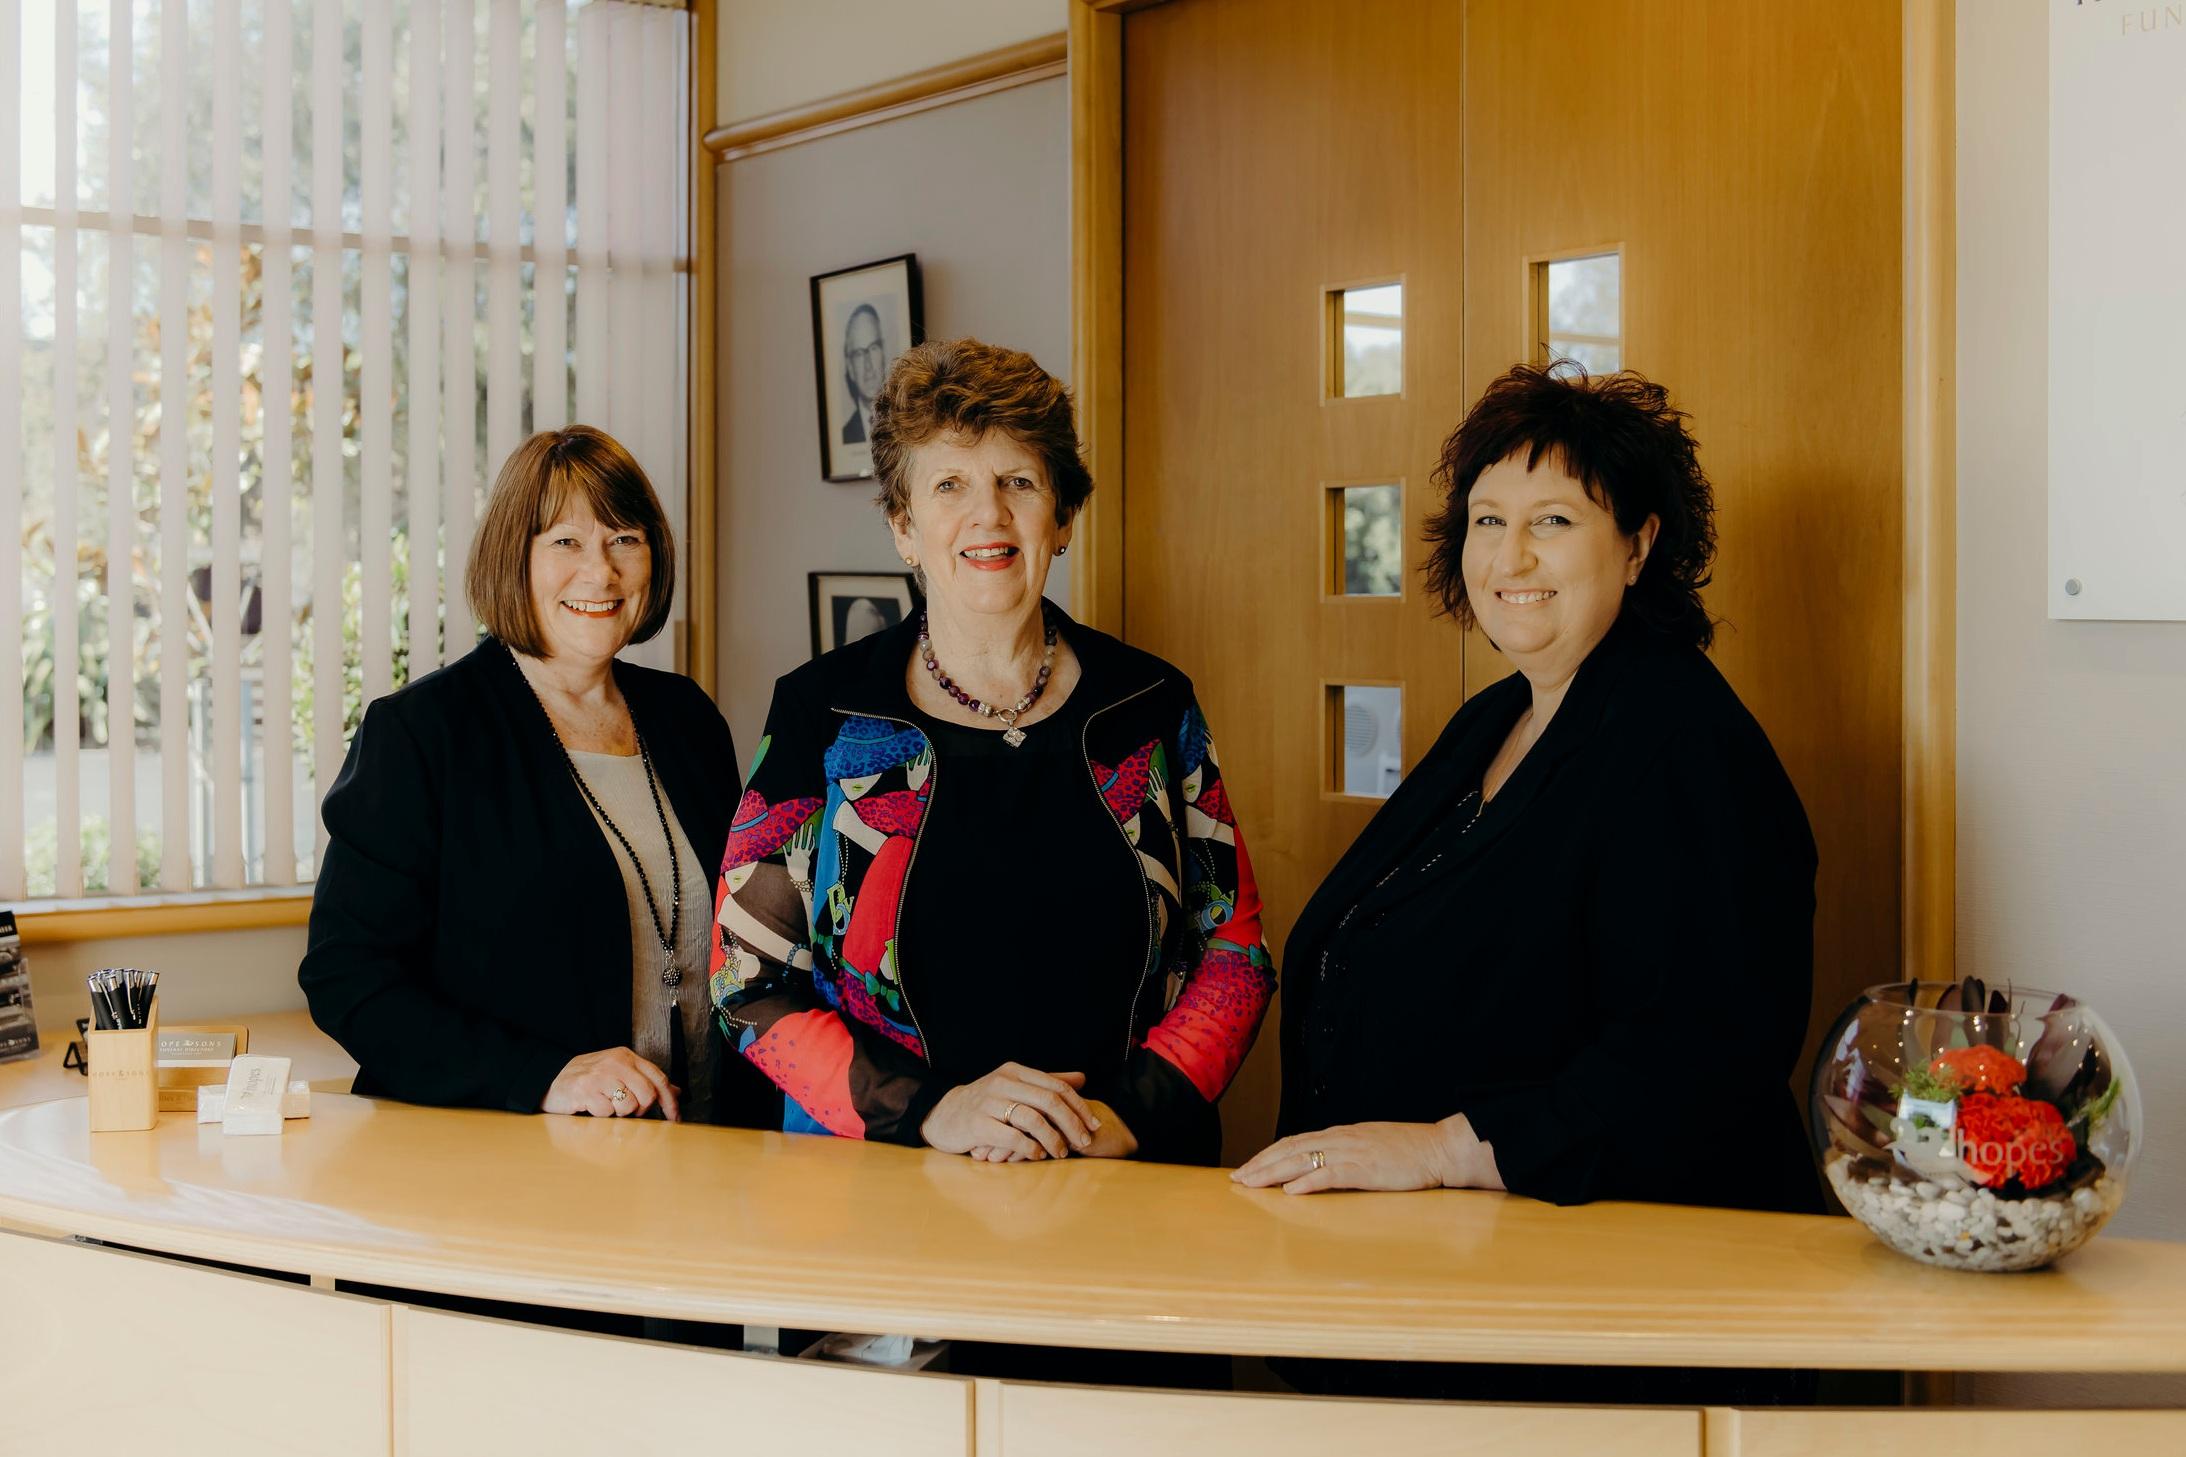 Barbara McClenaghan, Louise Wasley, Lisa Miles